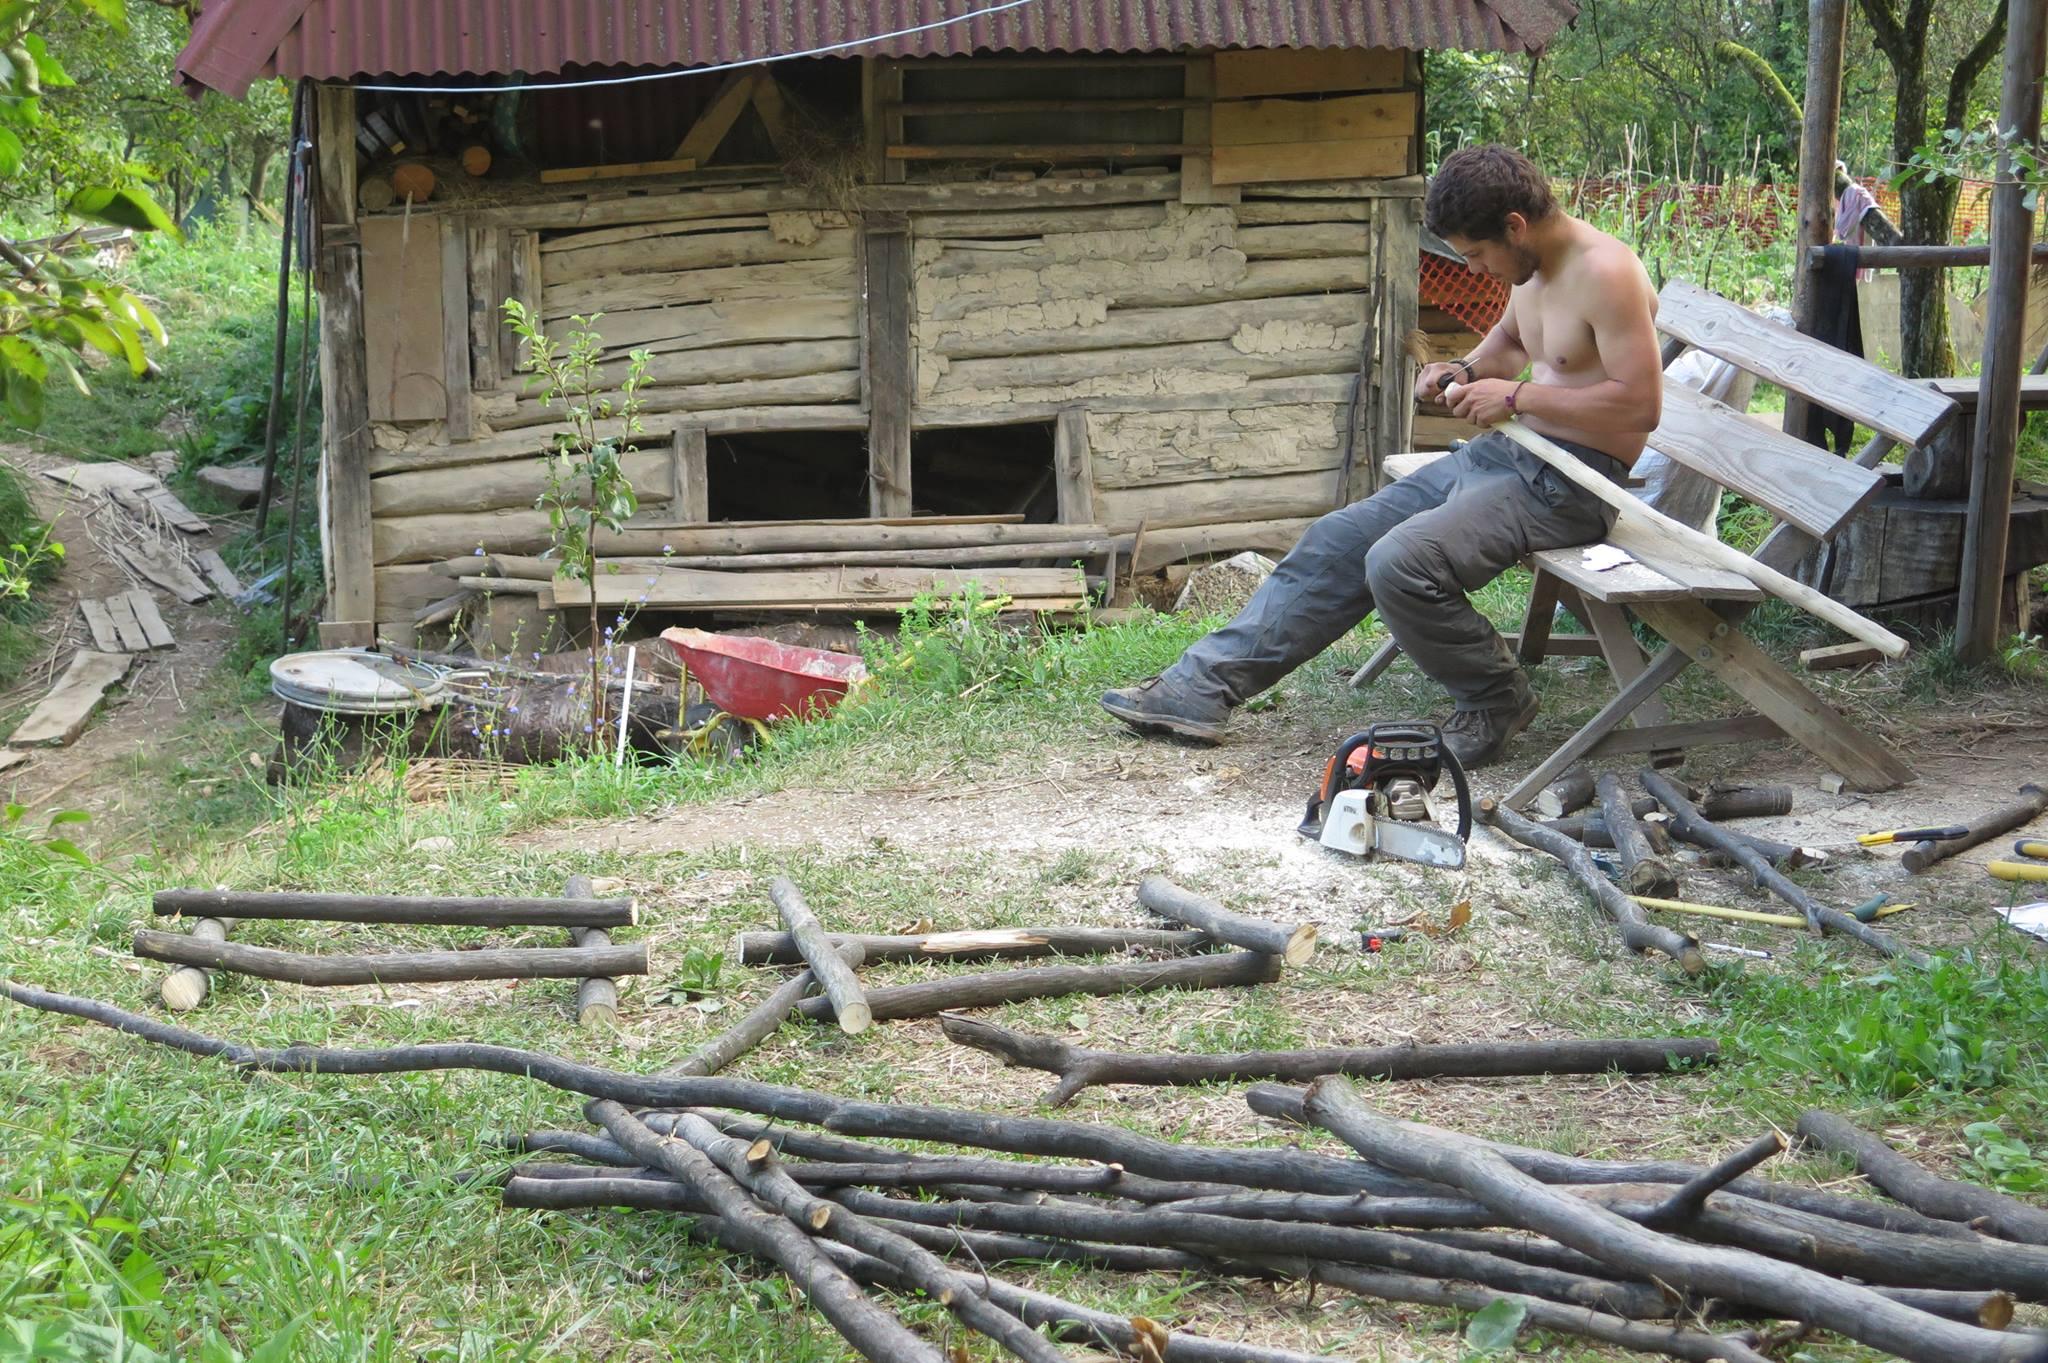 Je commence la fabrication d'un fauteuil avec des branches d'hêtre.